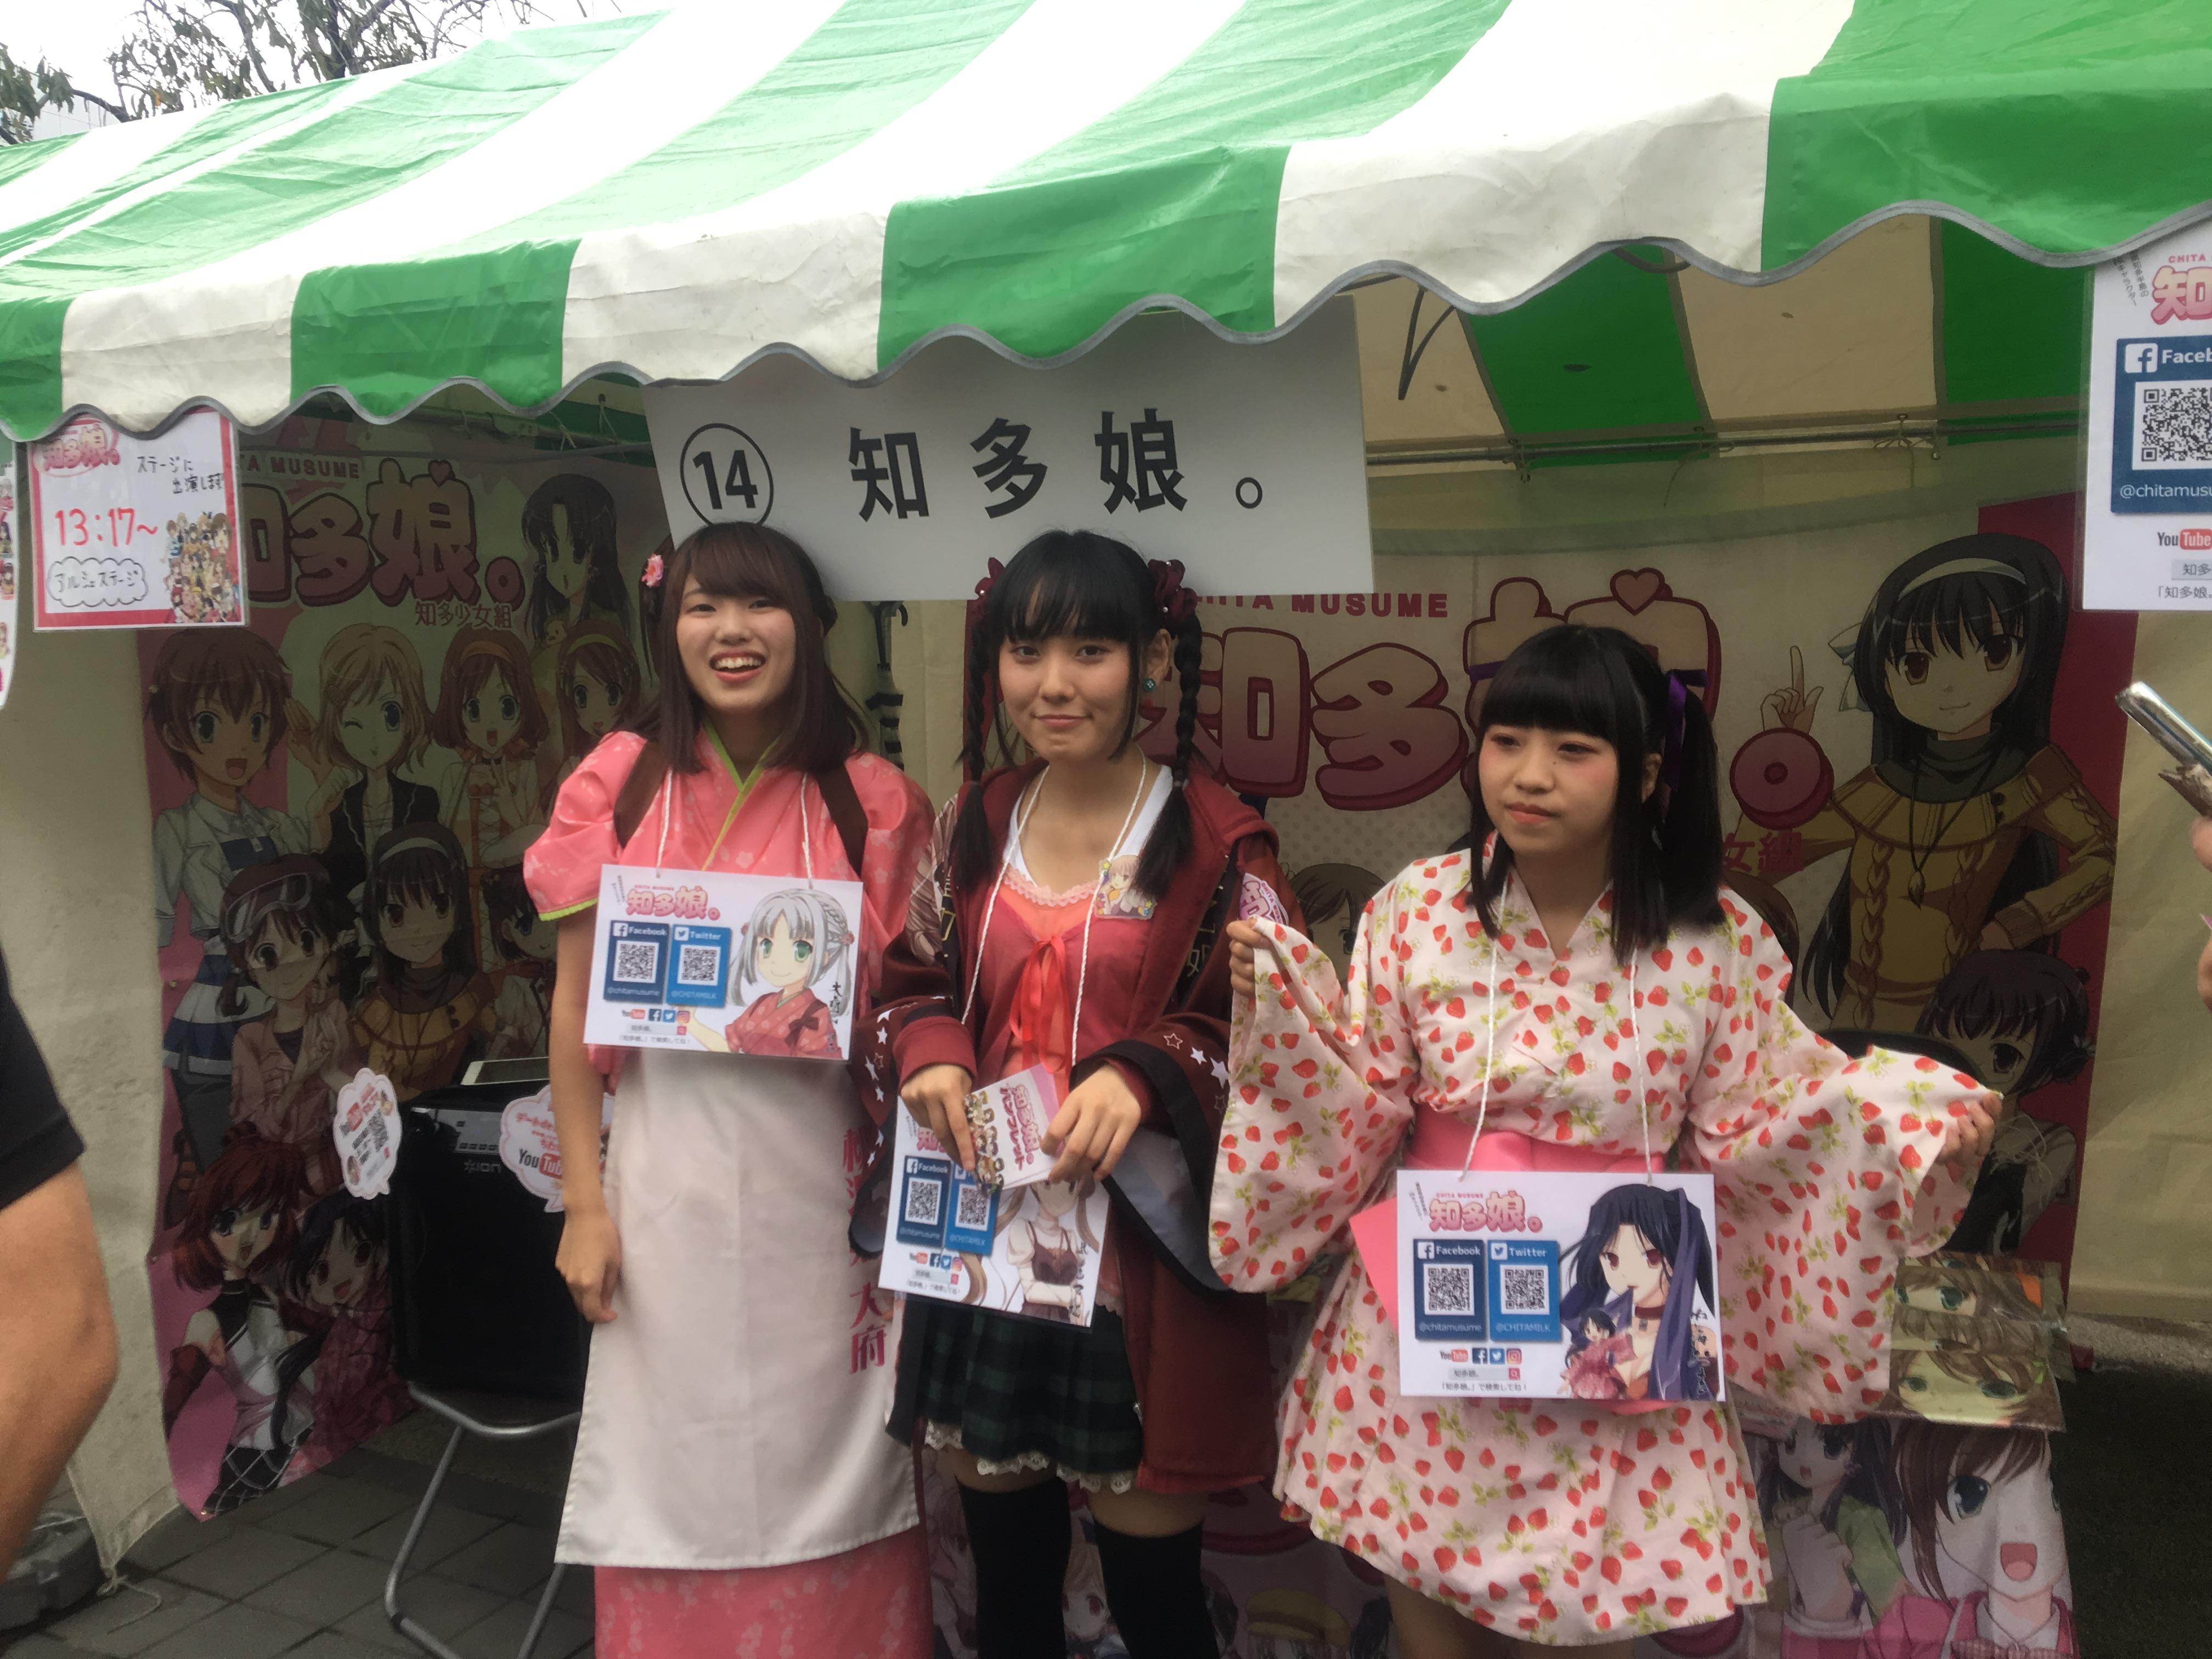 アニメ県埼玉ノススメ 第6回アニ玉祭が開催